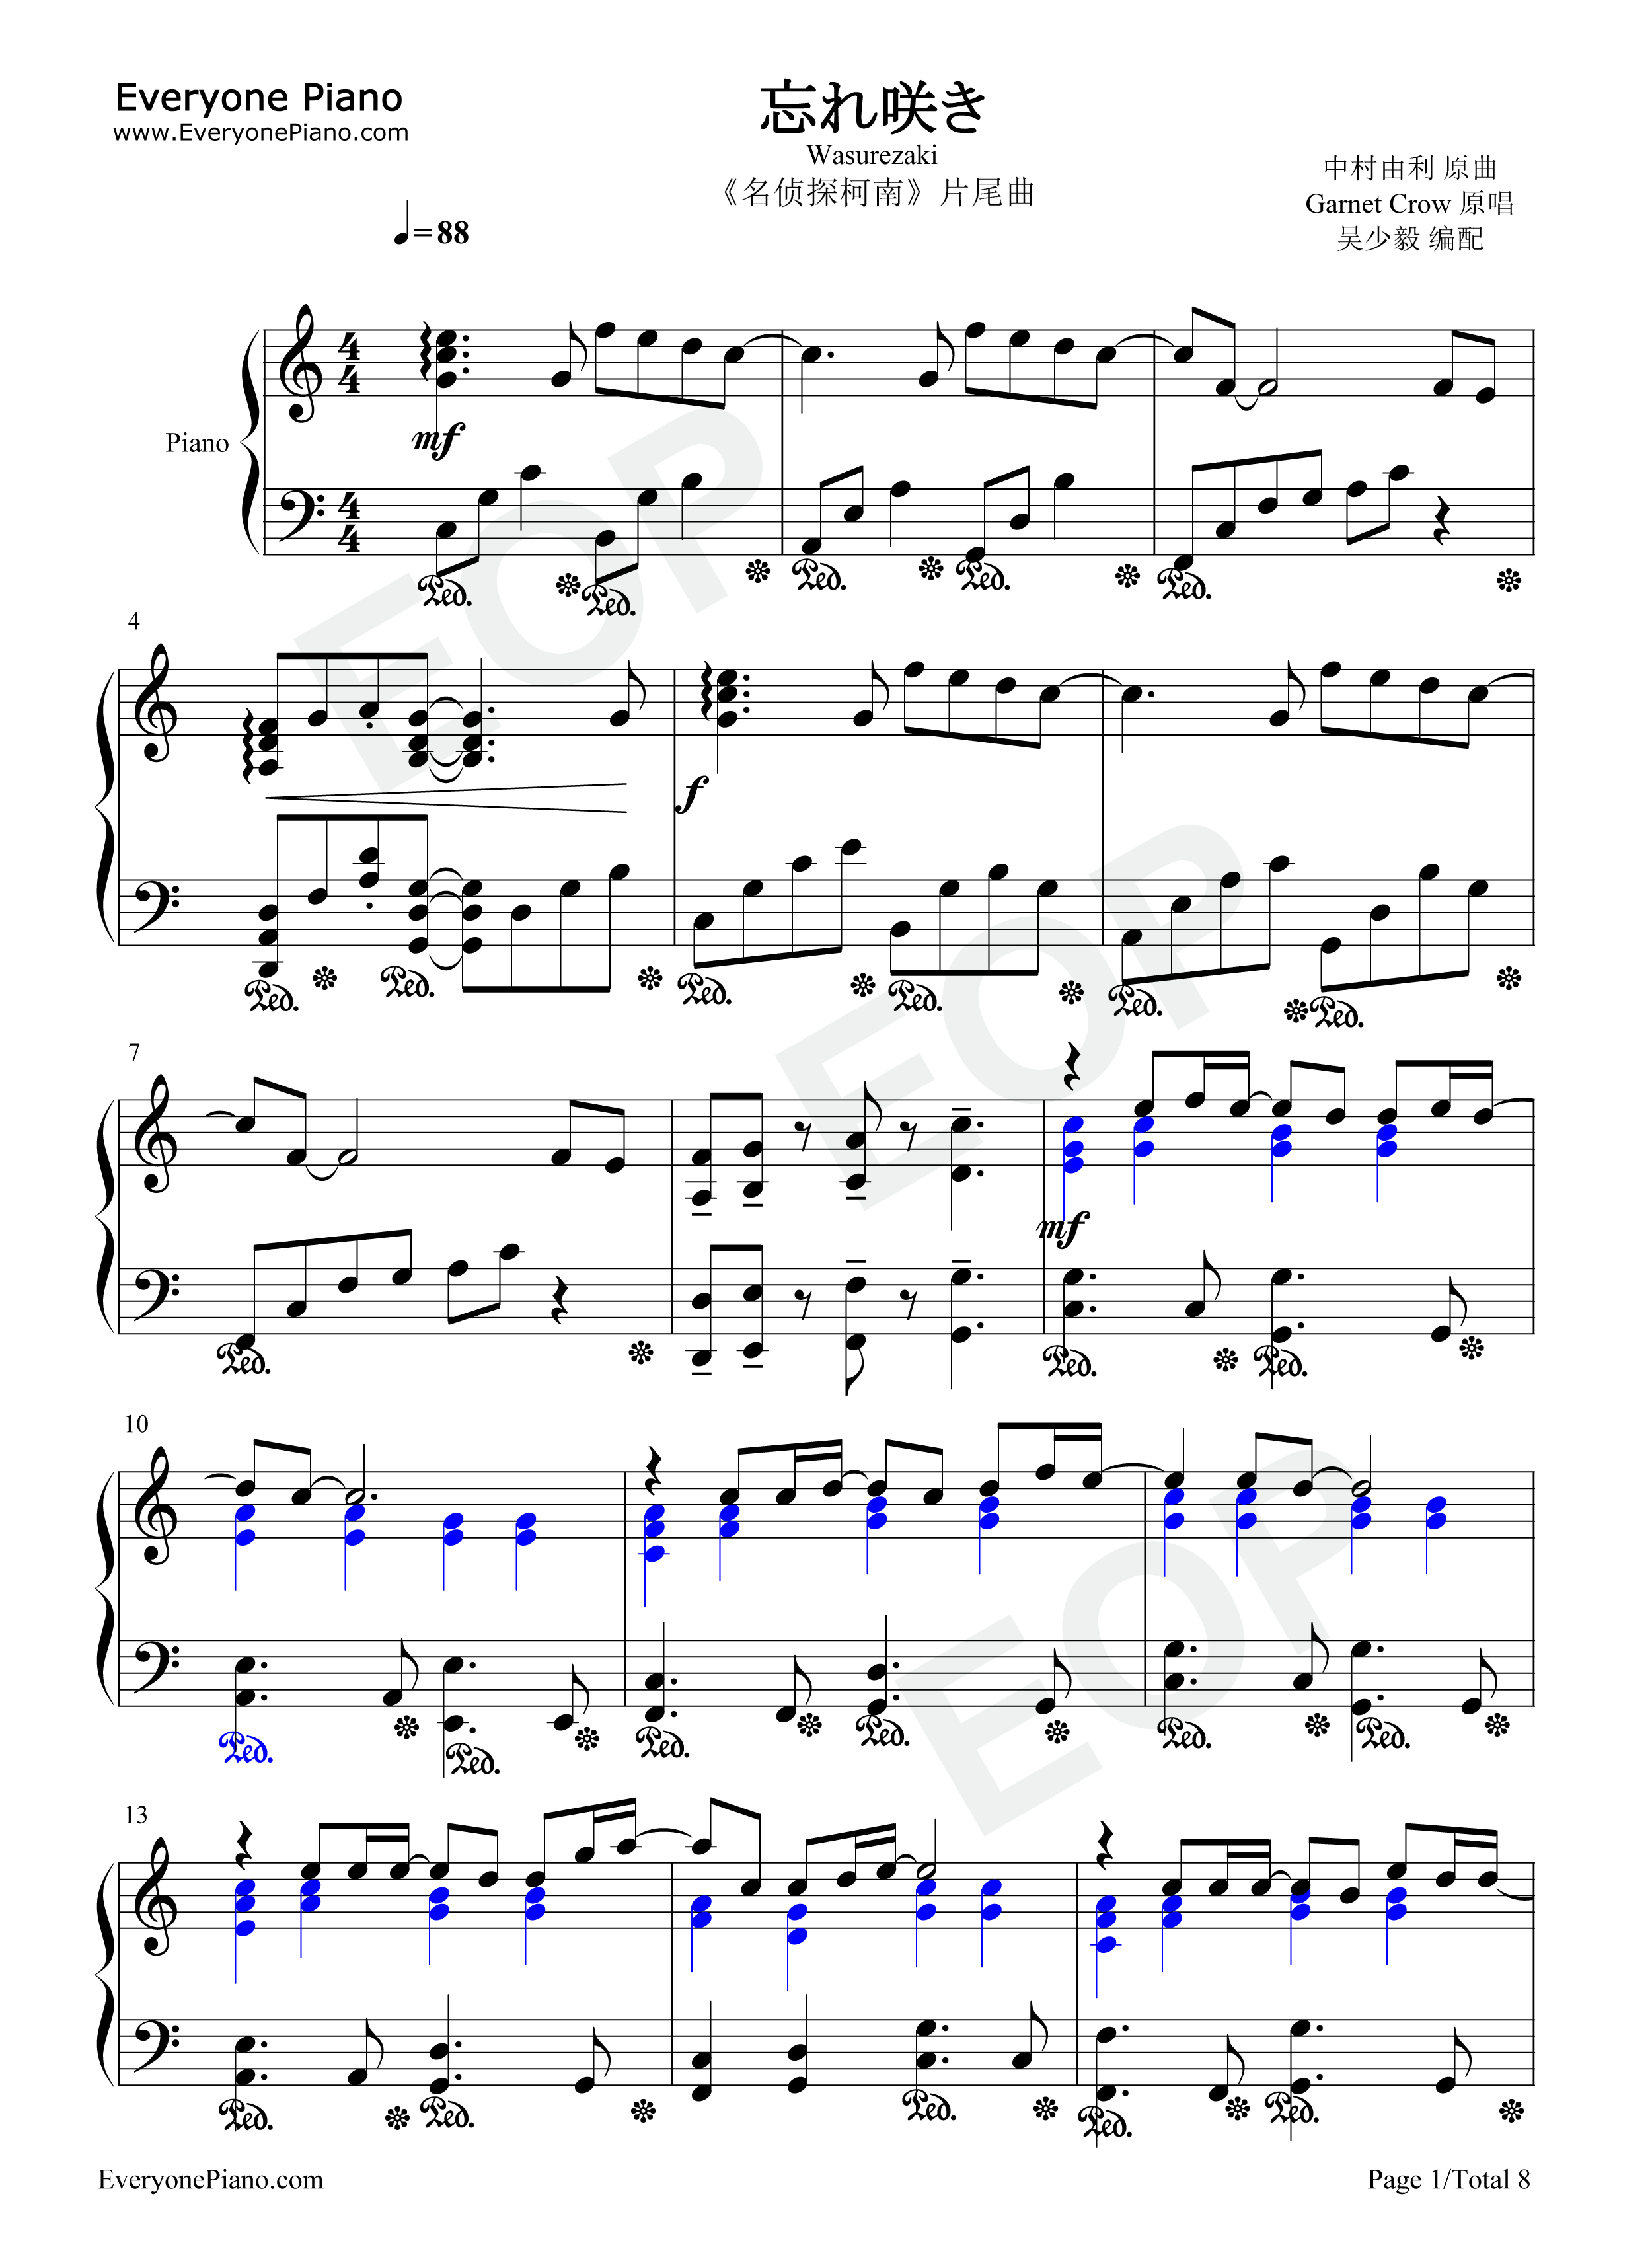 钢琴曲谱 动漫 忘れ咲き-名侦探柯南 ed 忘れ咲き-名侦探柯南 ed